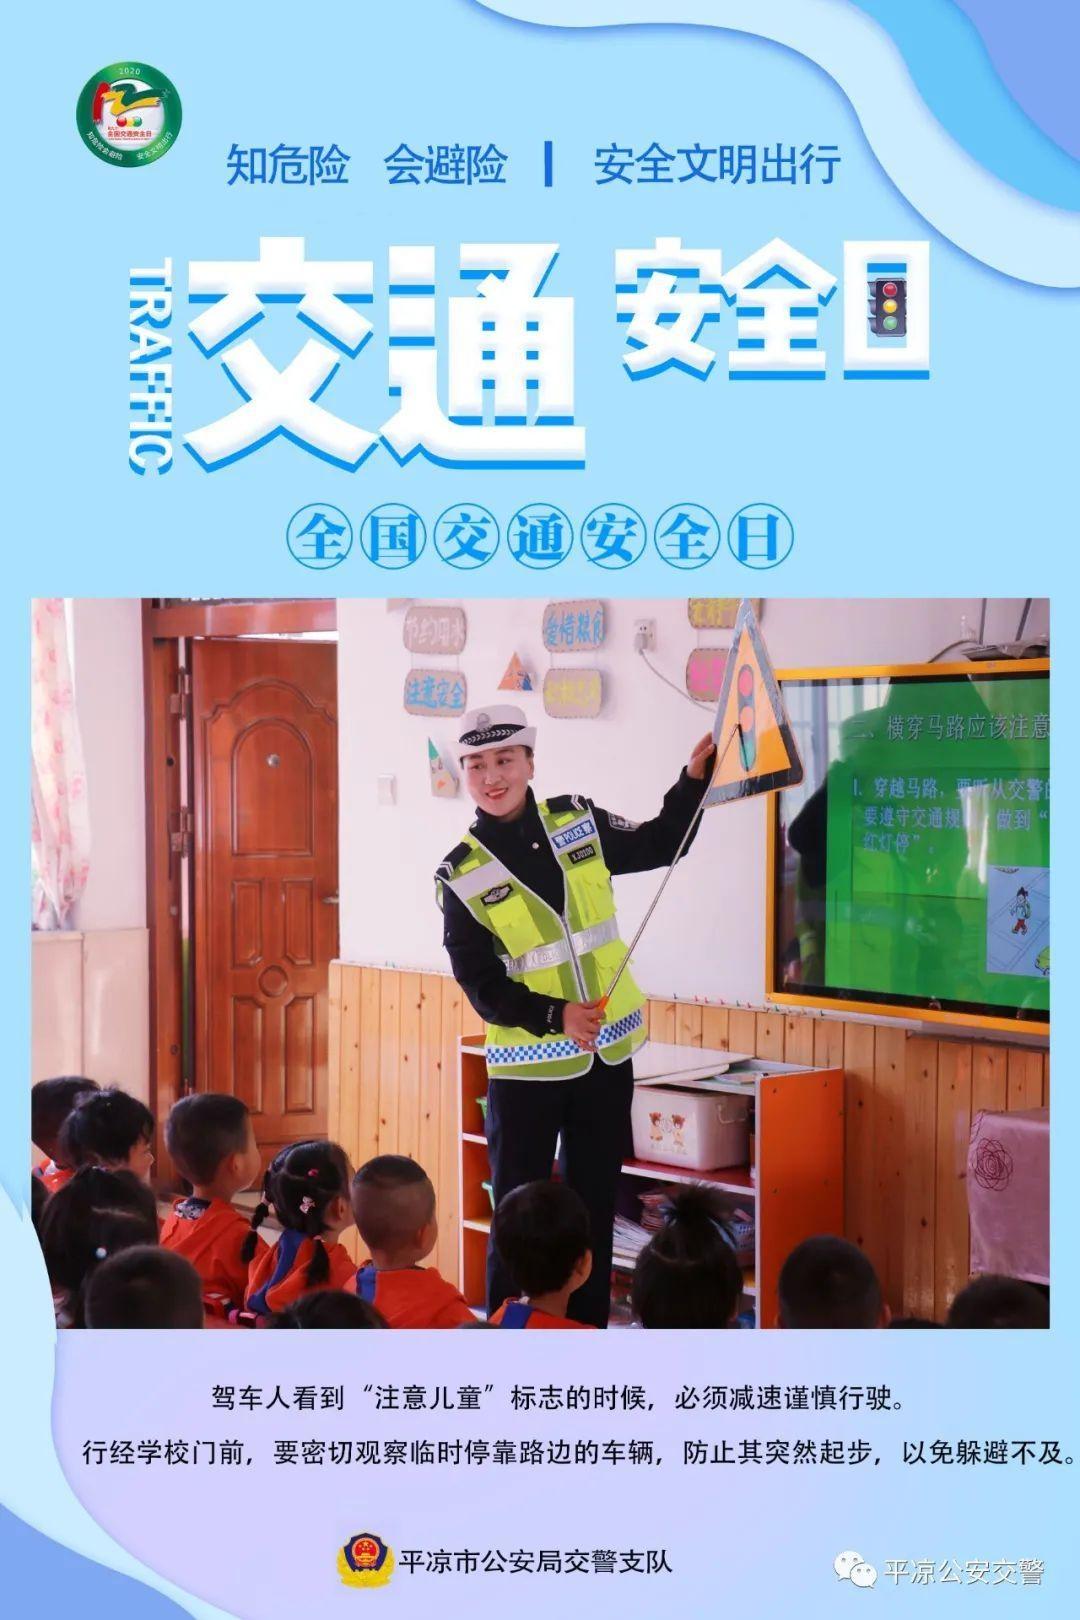 预热122 | 平凉公安交警122宣传海报来袭!